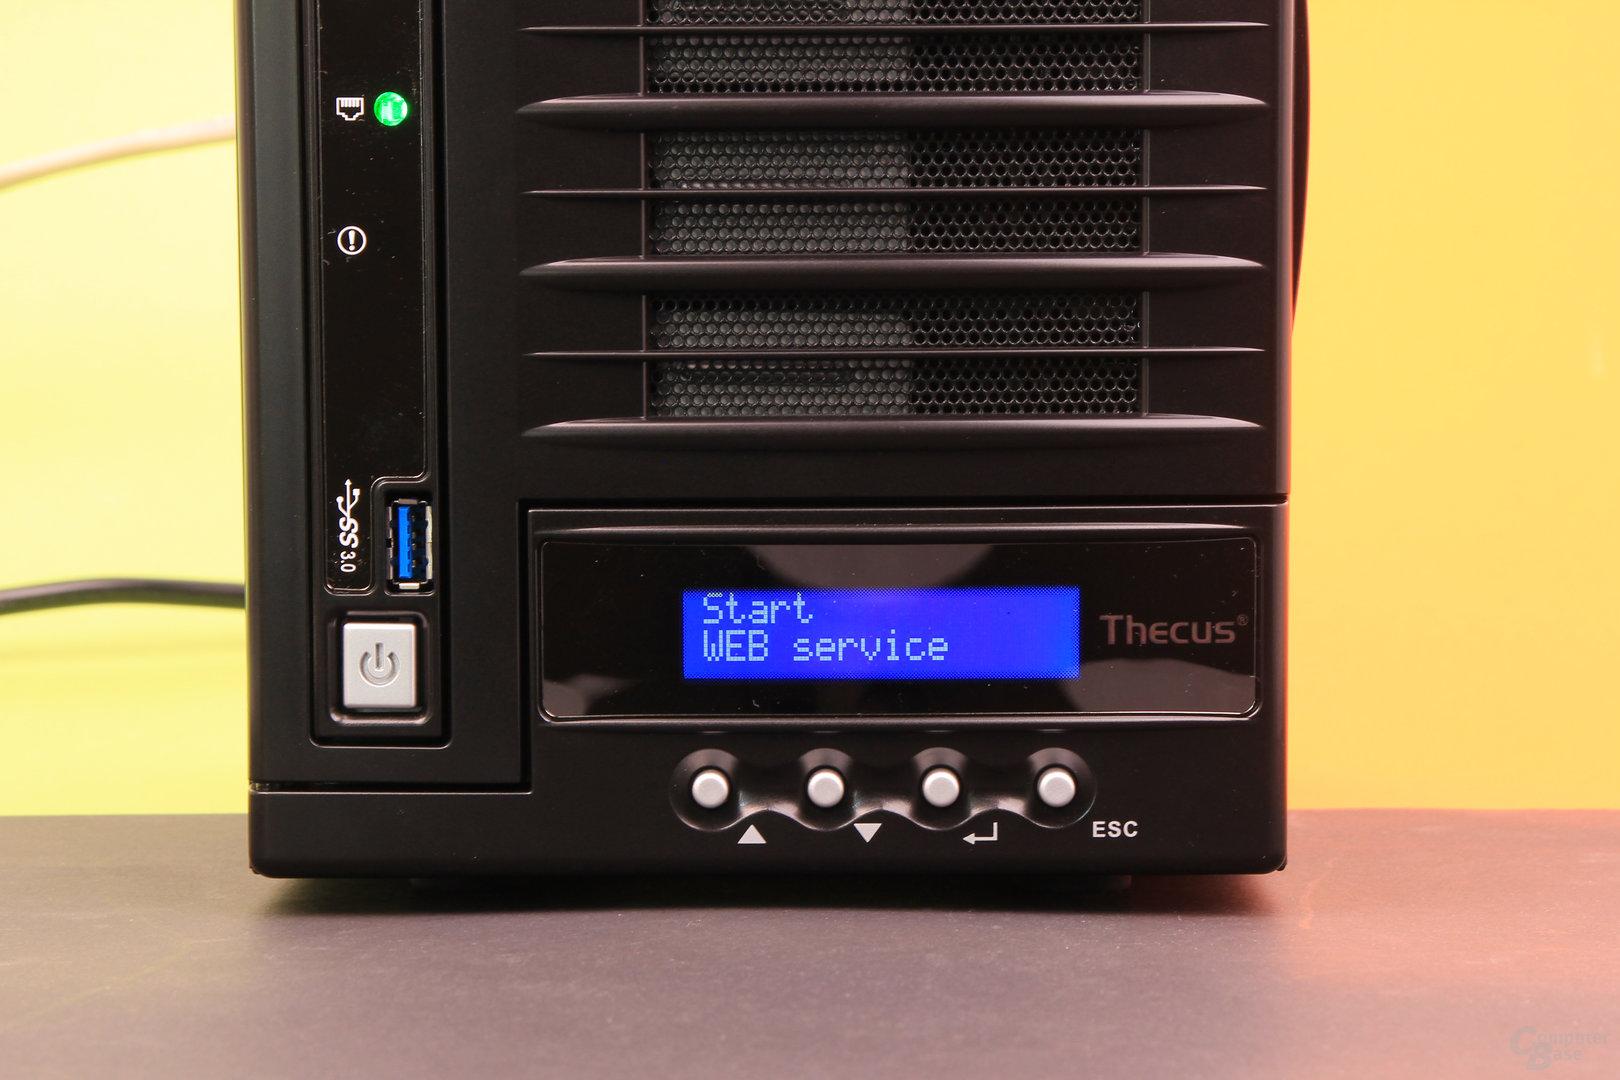 Thecus N4560 – Display